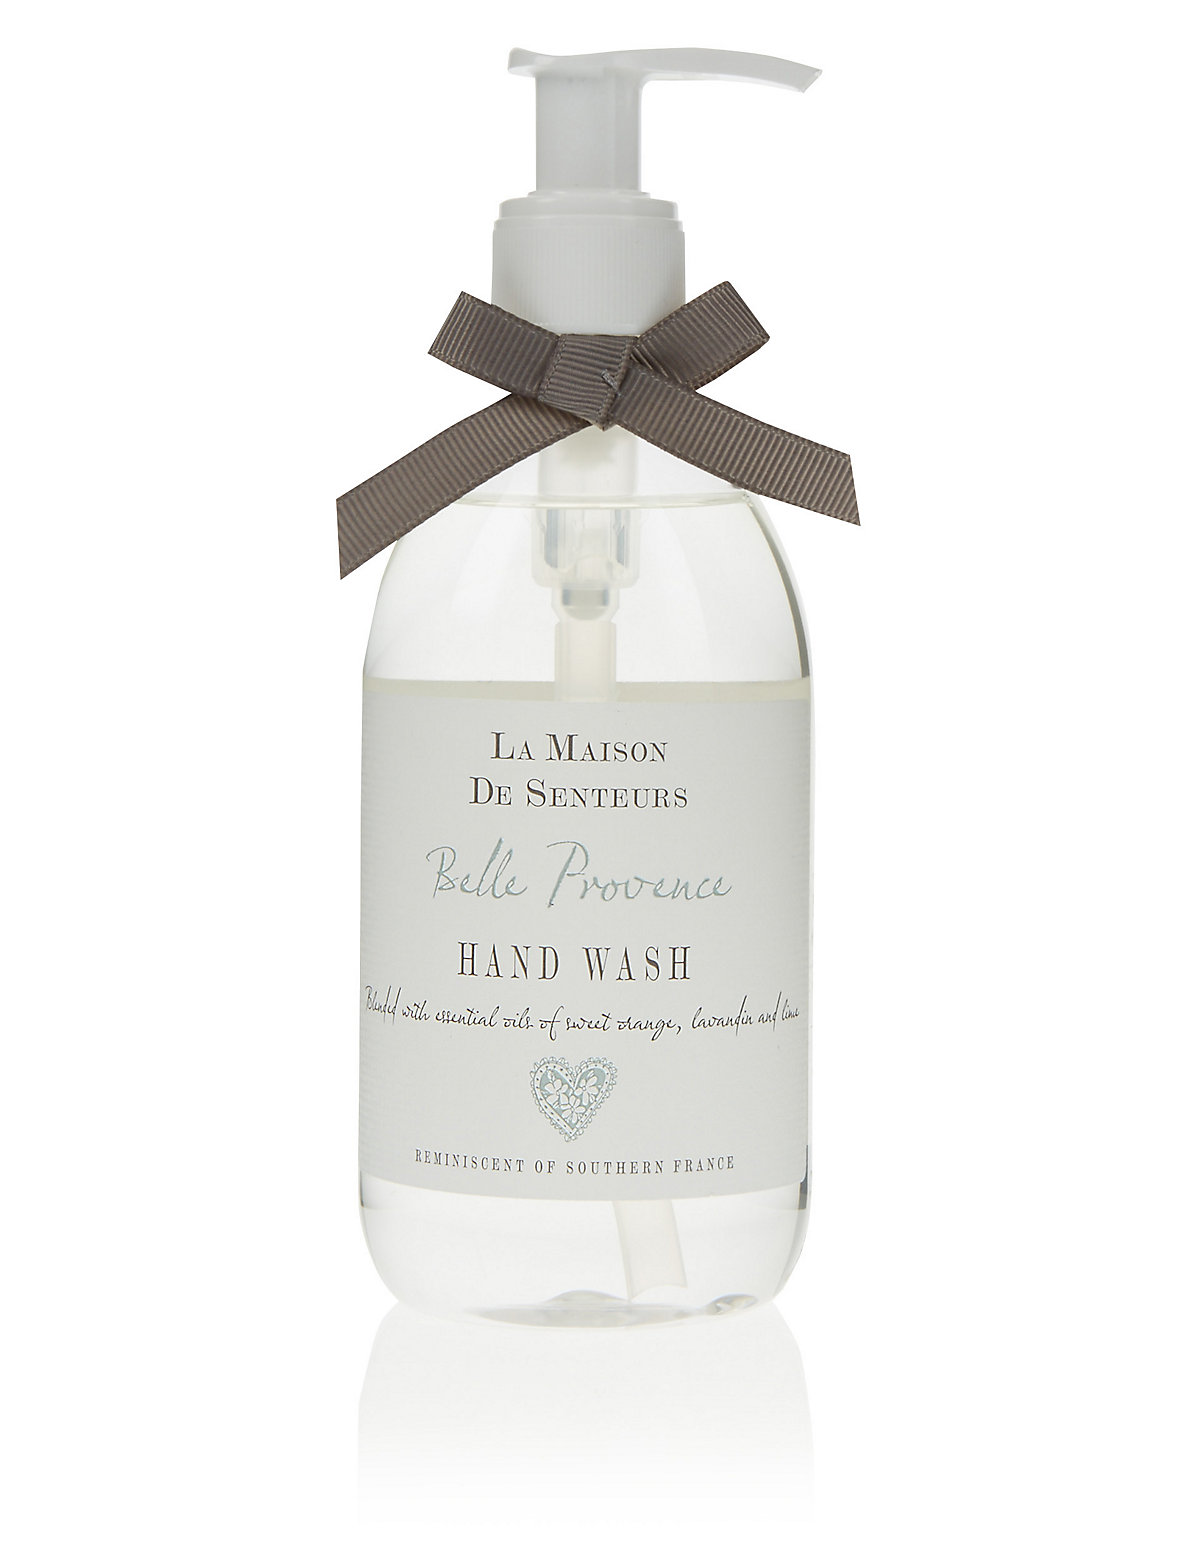 La Maison de Senteurs Belle Provence Hand Wash 300ml